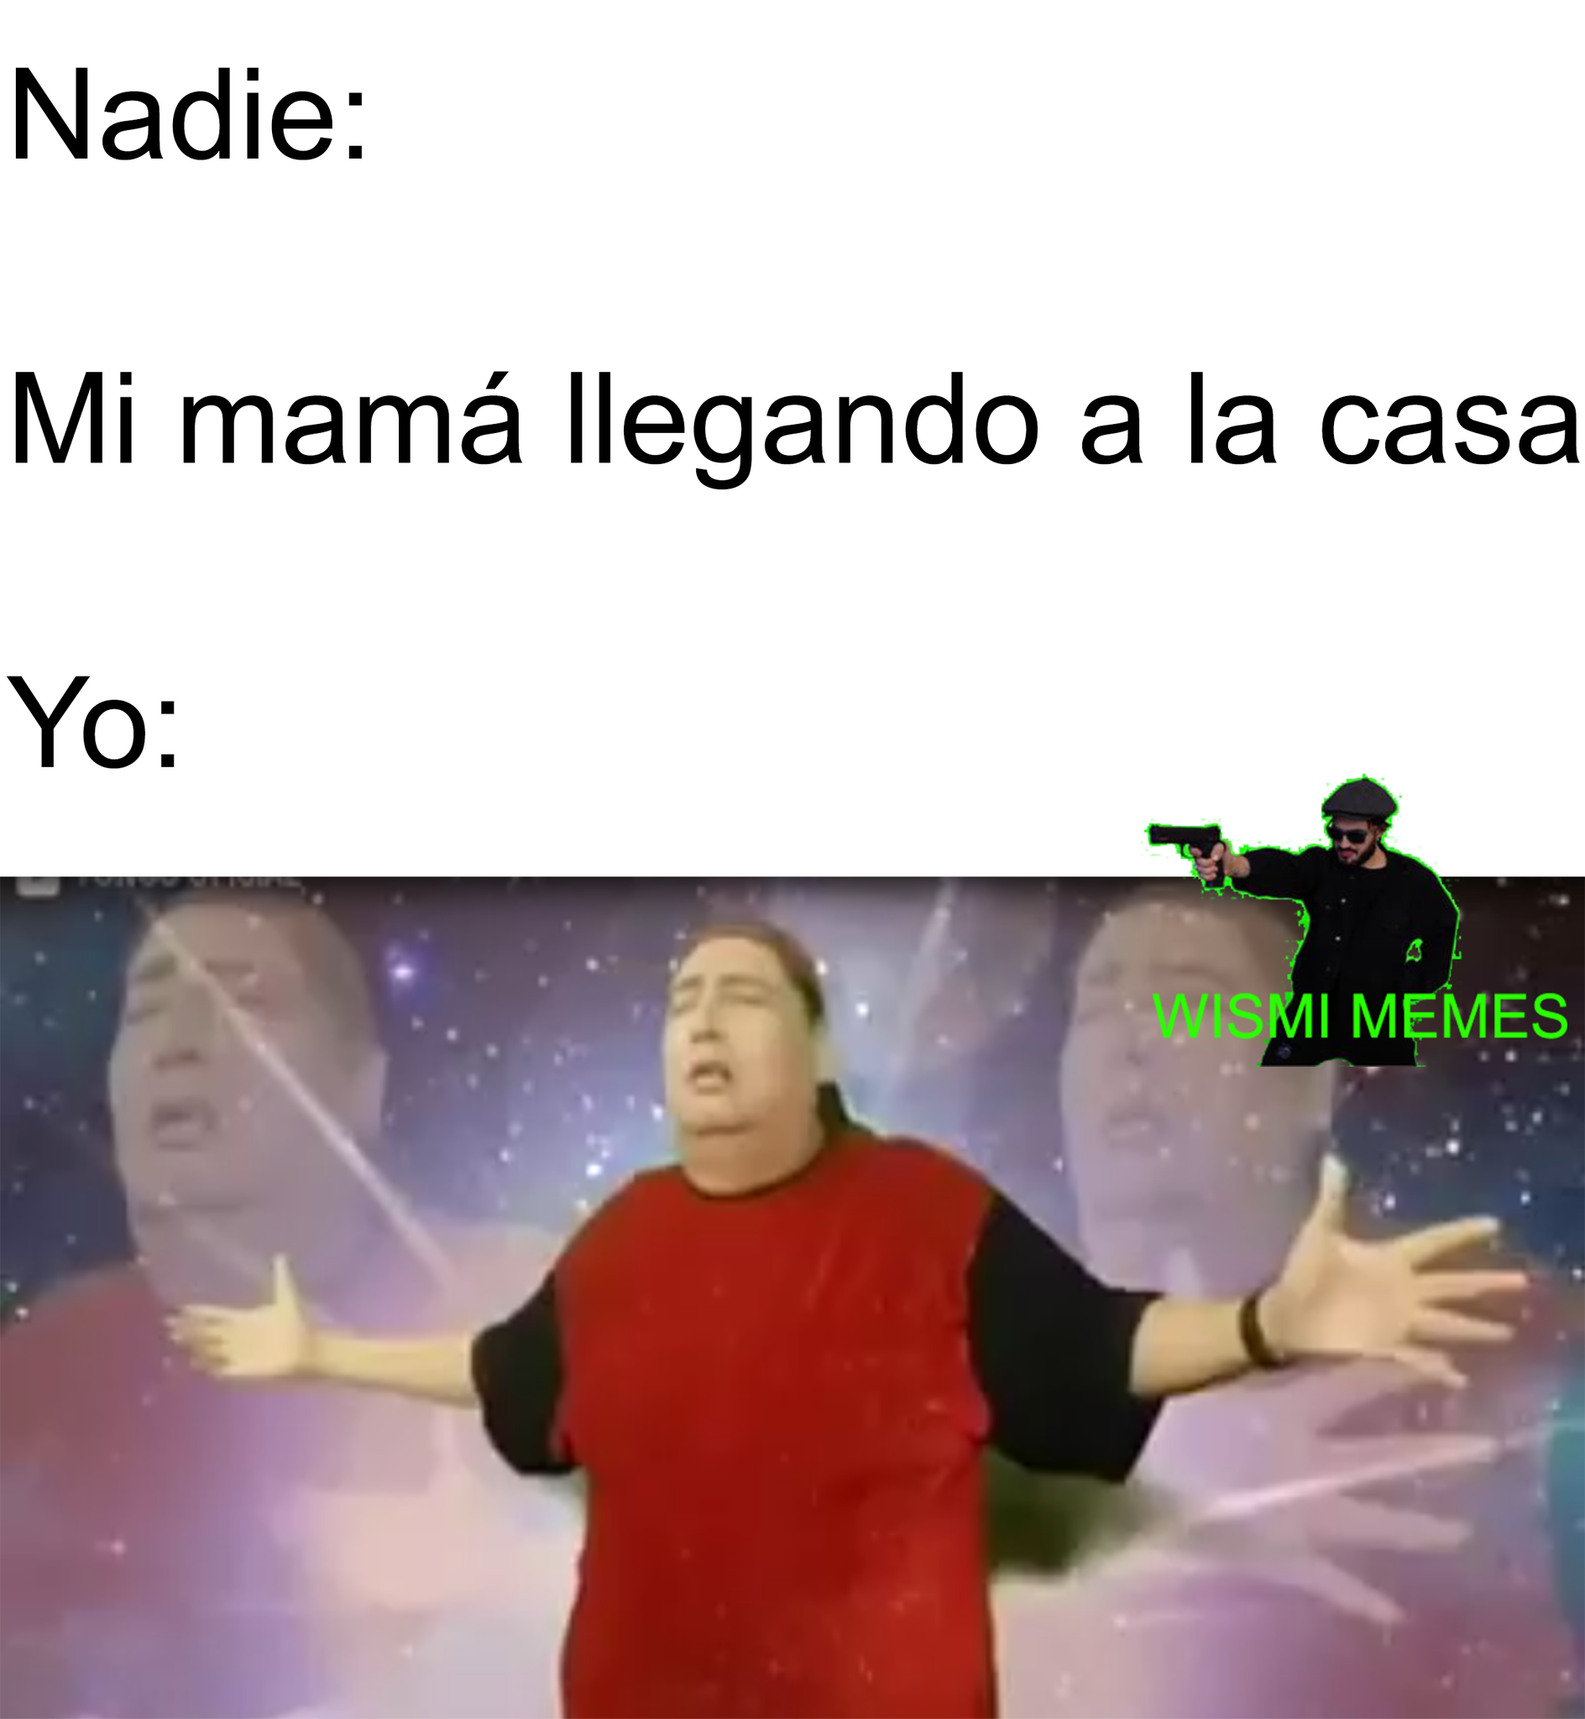 Haciendo memes mientras hago la tarea xdxd